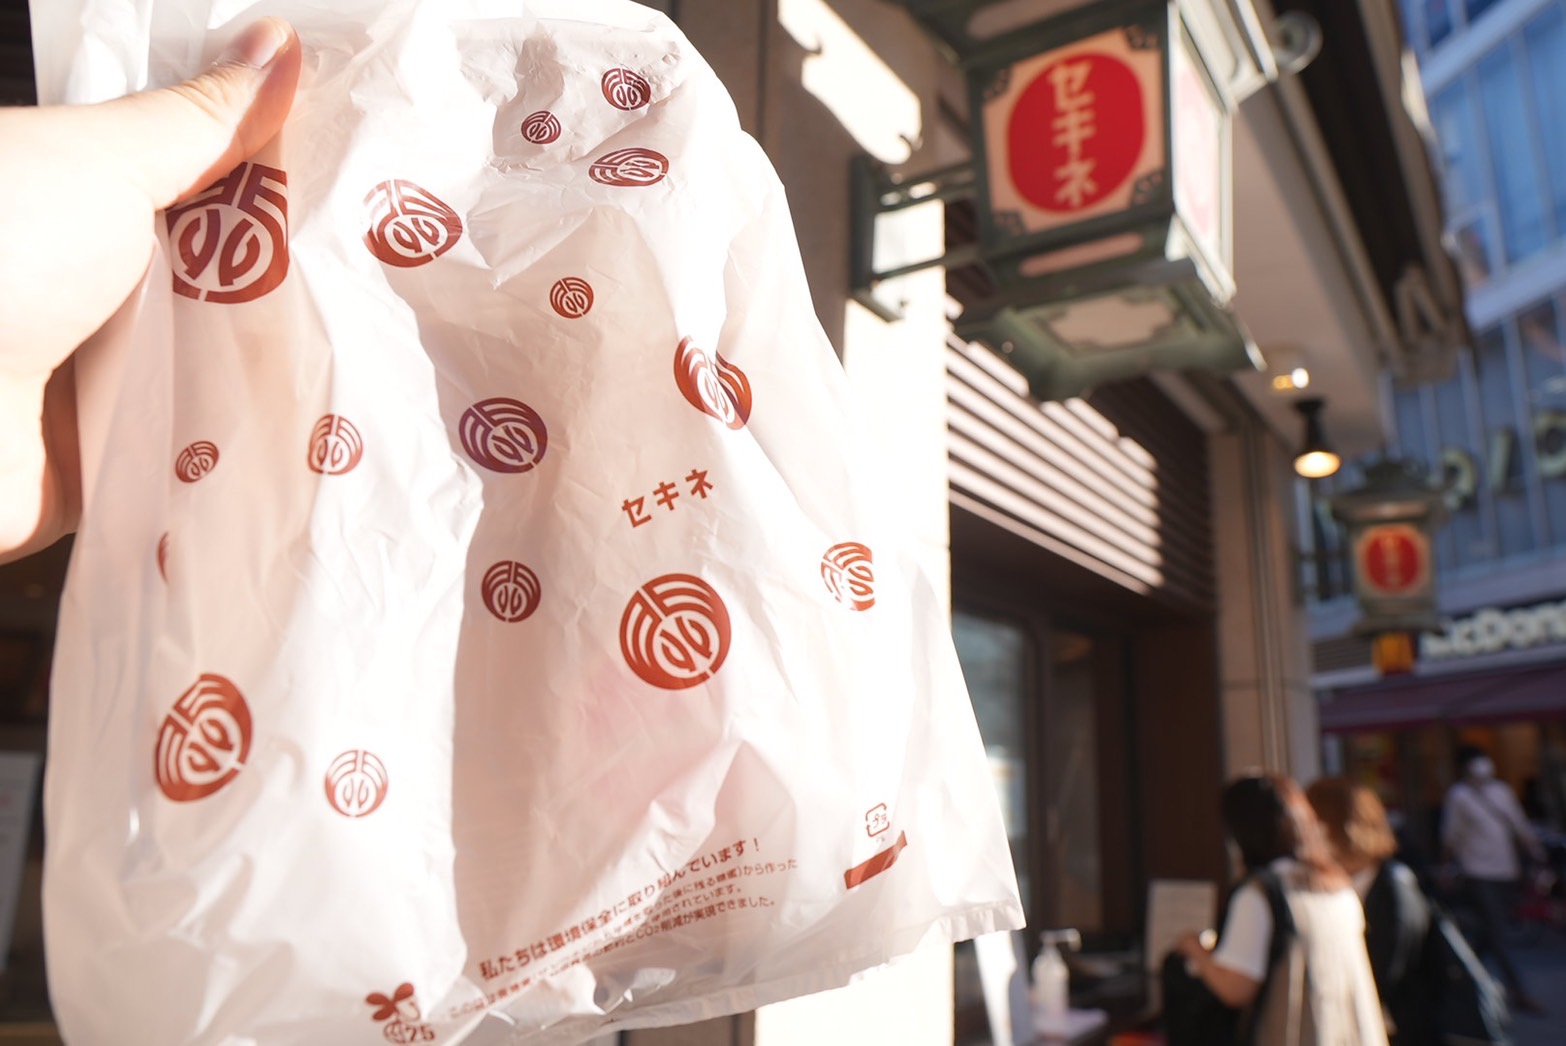 袋にはセキネの文字とトレードマークが描かれています。